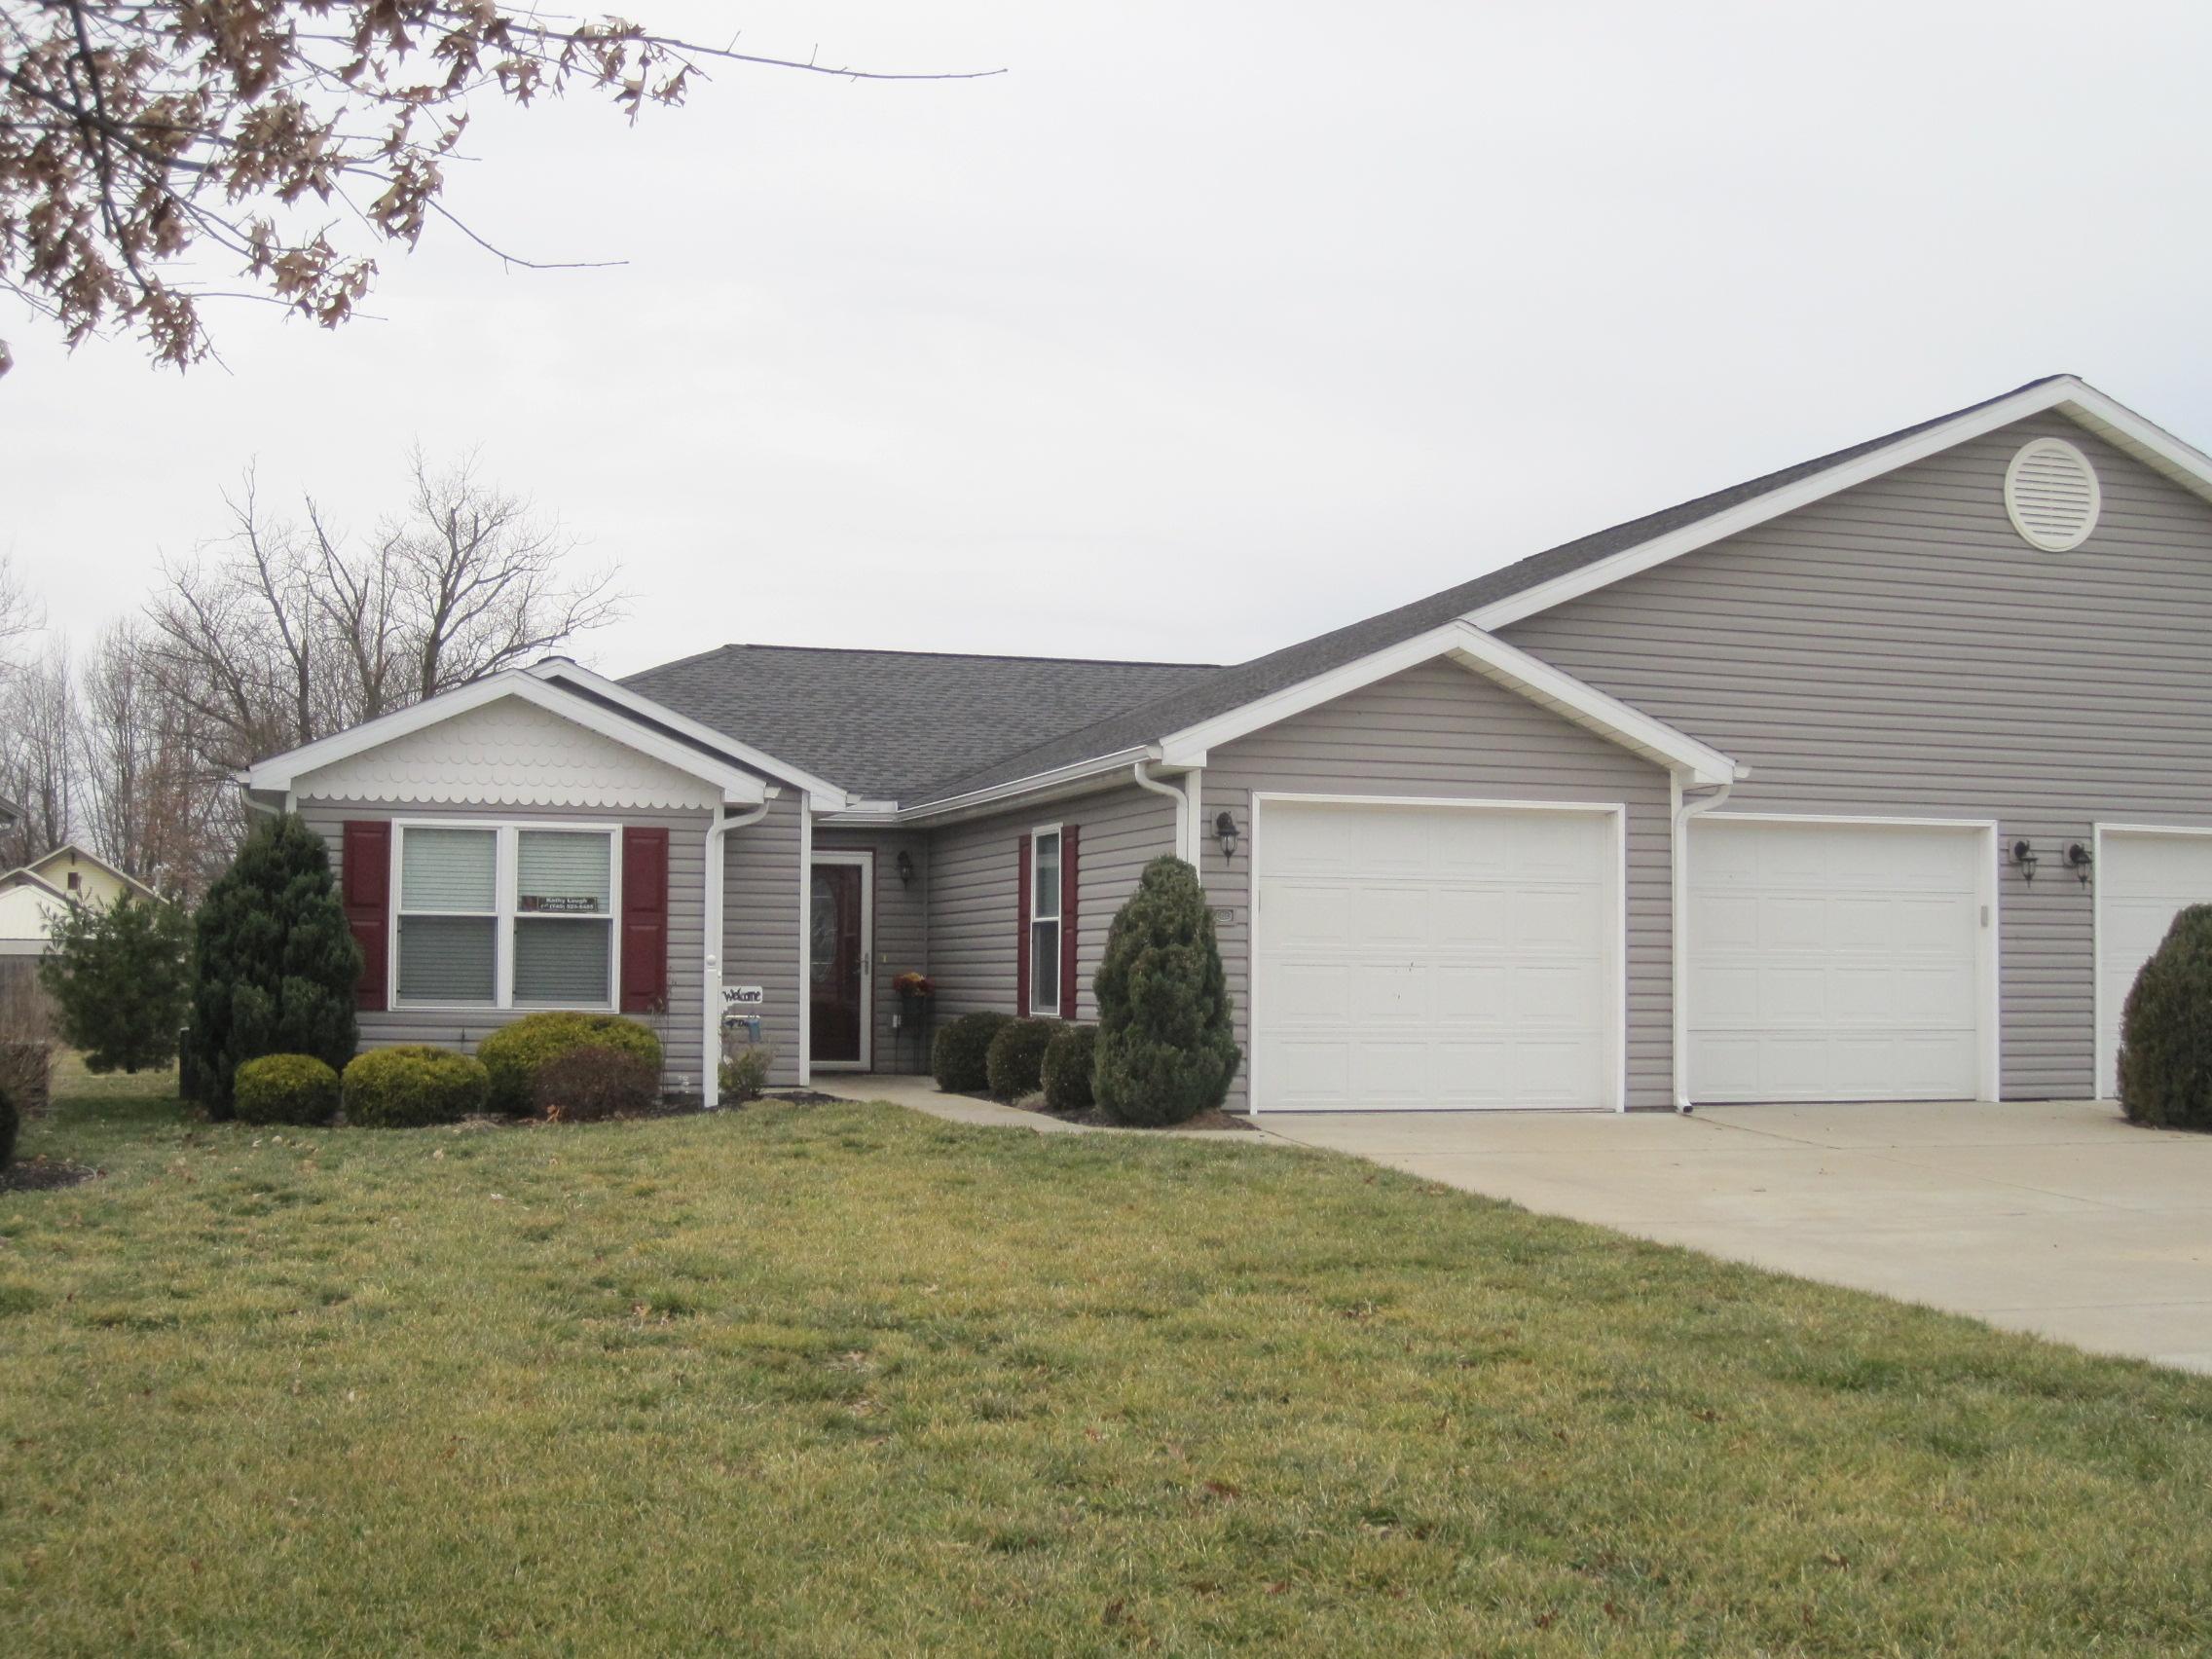 721 Oak Tree Lane, Belpre, Ohio 45714